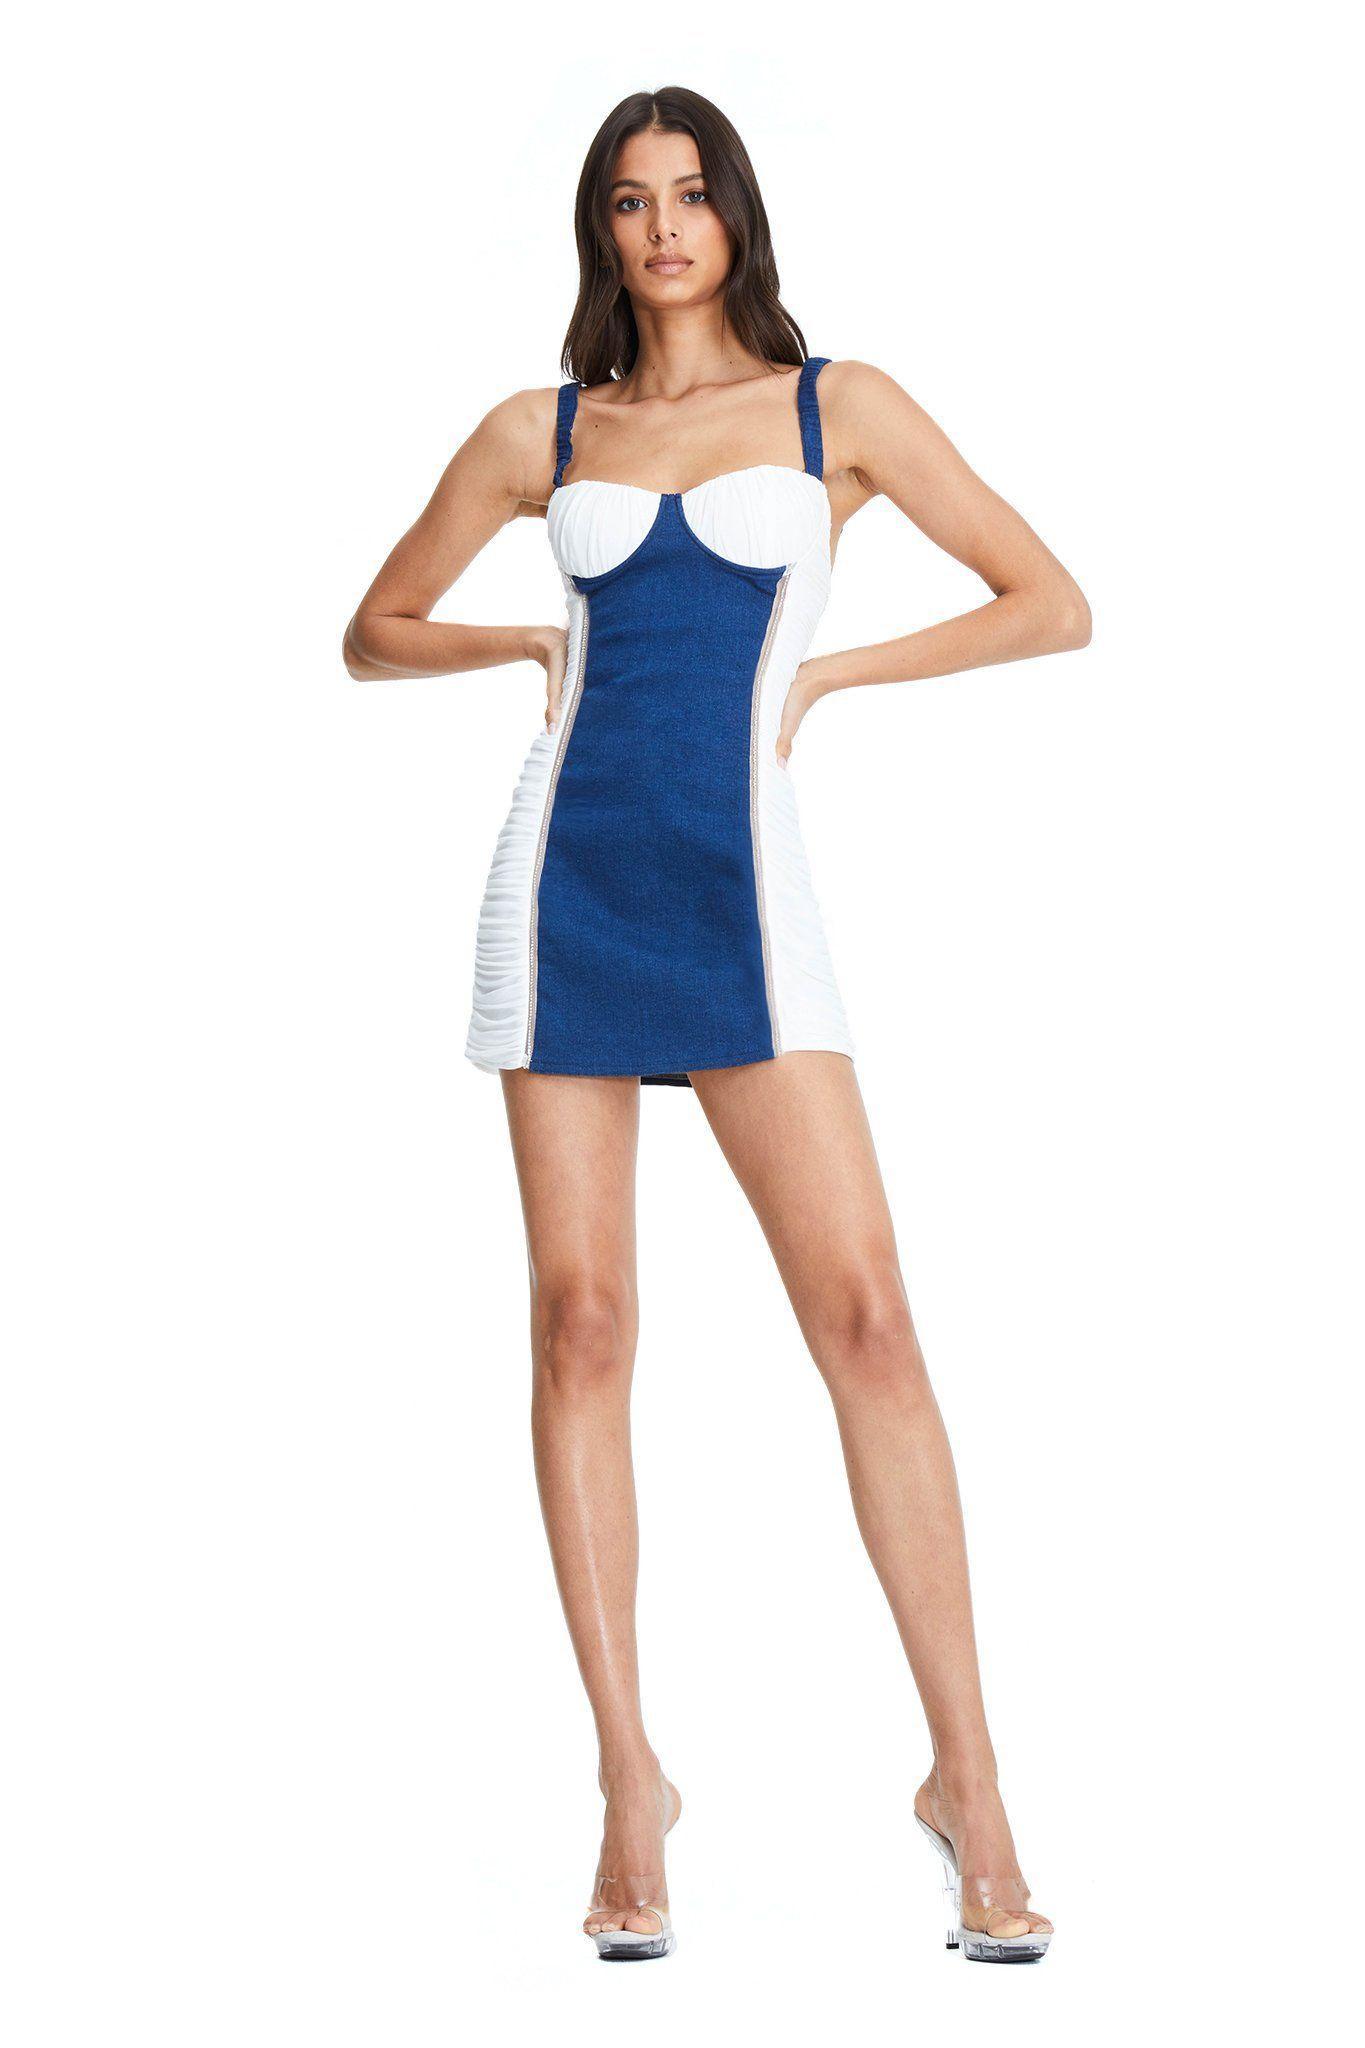 NEVADA DRESS I.AM.GIA Denim details, Dresses, White